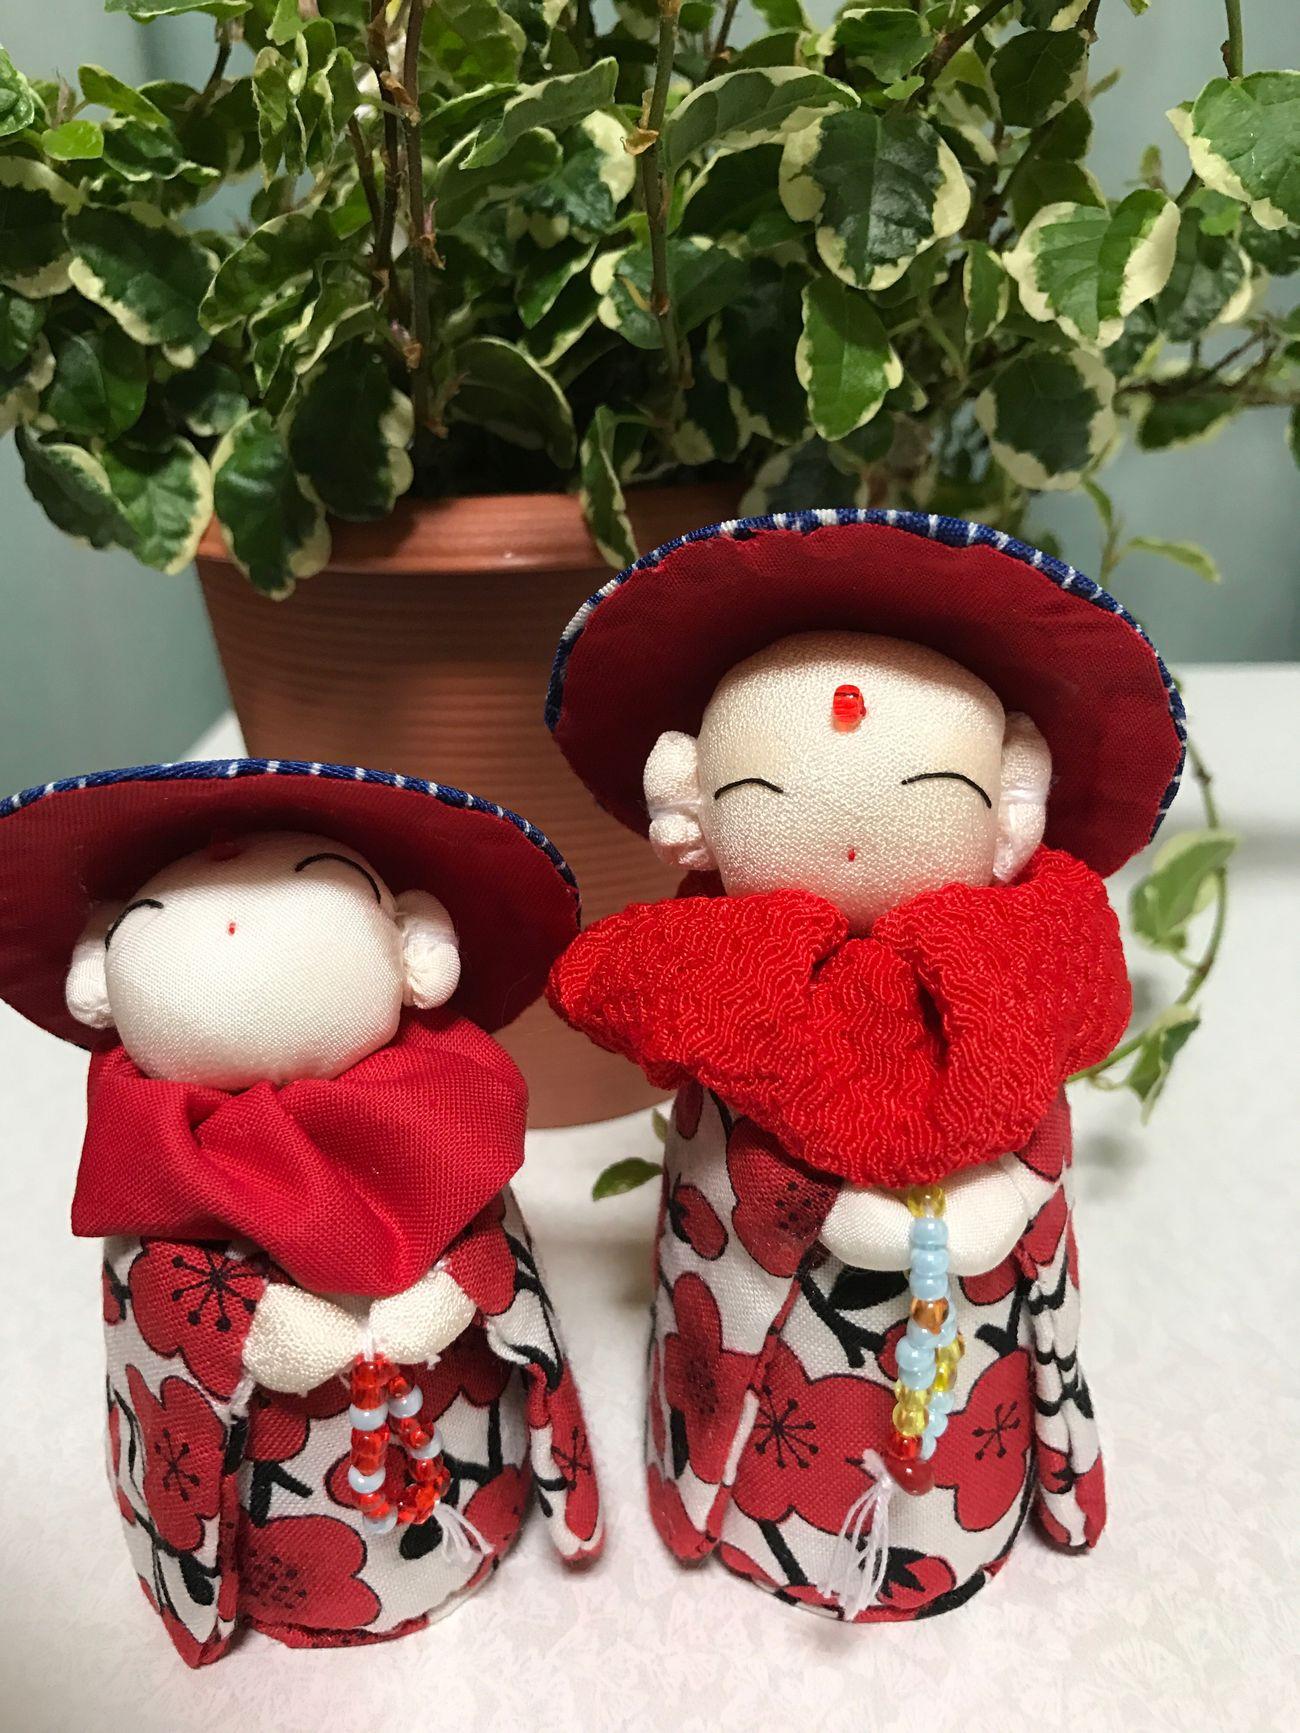 大好きなお地蔵さん❤️ Red No People Teddy Bear Close-up Stuffed Toy Indoors  Day EyeEm Gallery Iphone7 Happy Japan EyeEm Best Shots Love Fukuoka Peace お地蔵さん 癒し お早う 可愛い ハンドメイド 大川市 テンション アゲアゲ